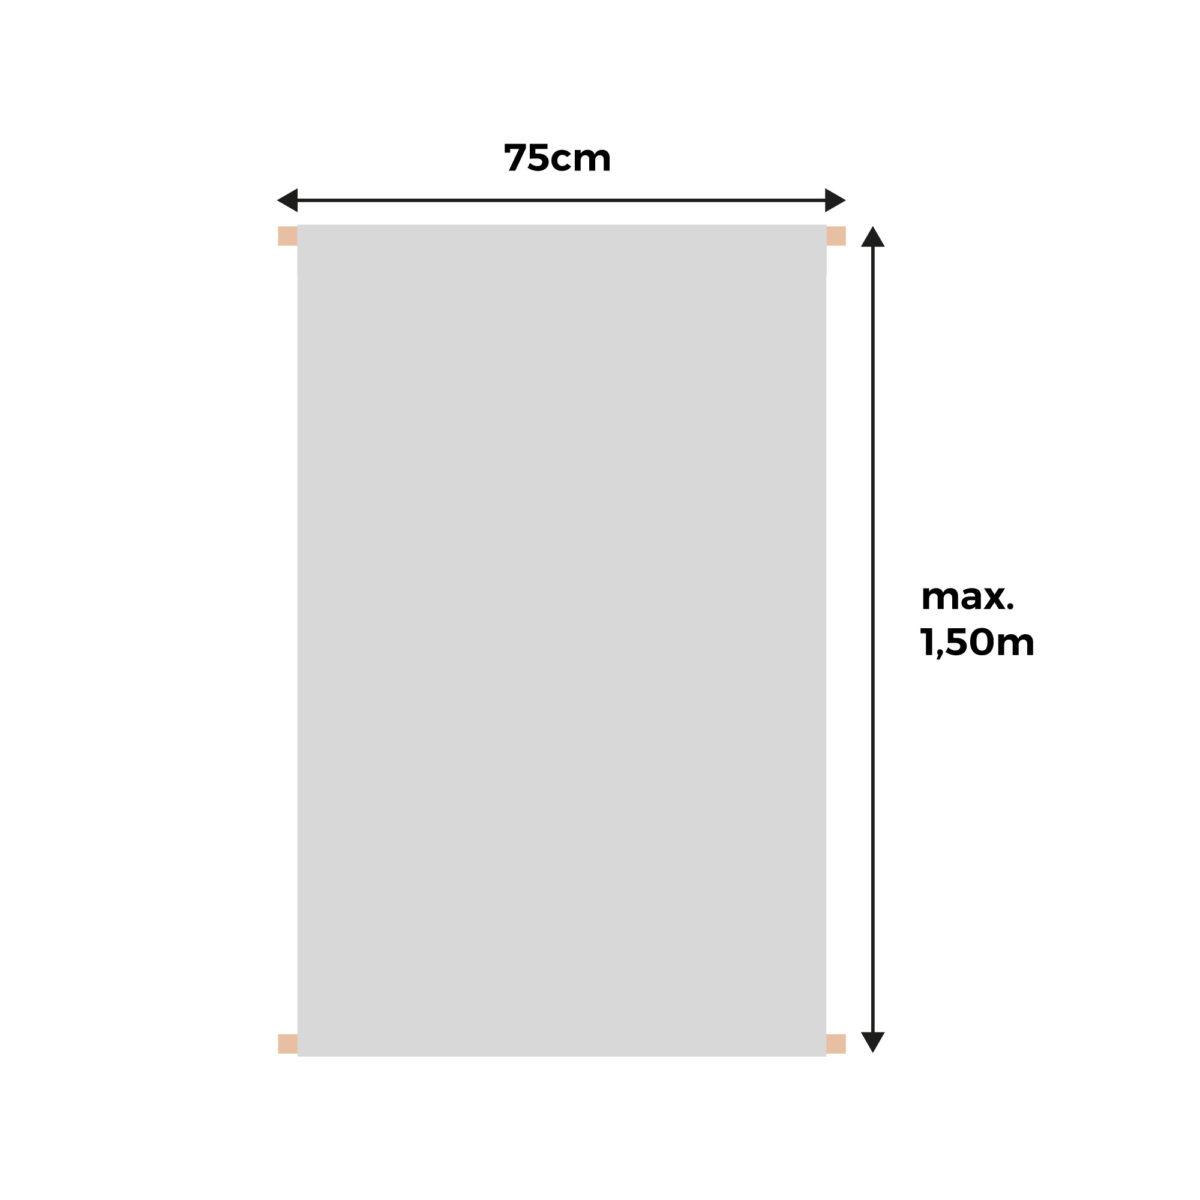 Banderola con texto a elegir en varios colores